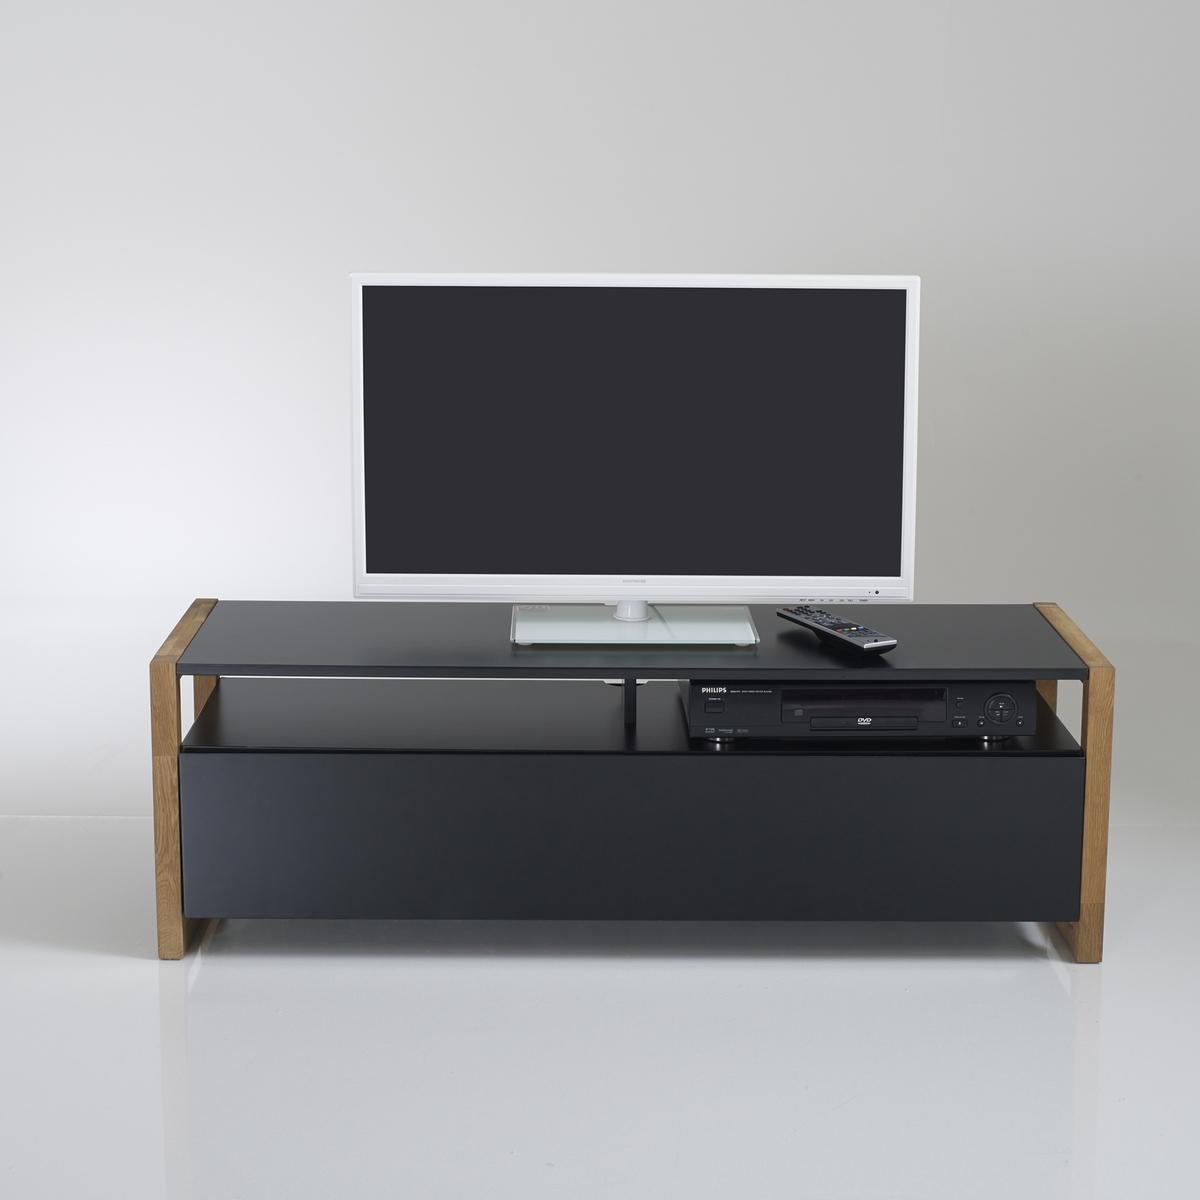 ТВ-тумба с откидной крышкой, Compo от La Redoute